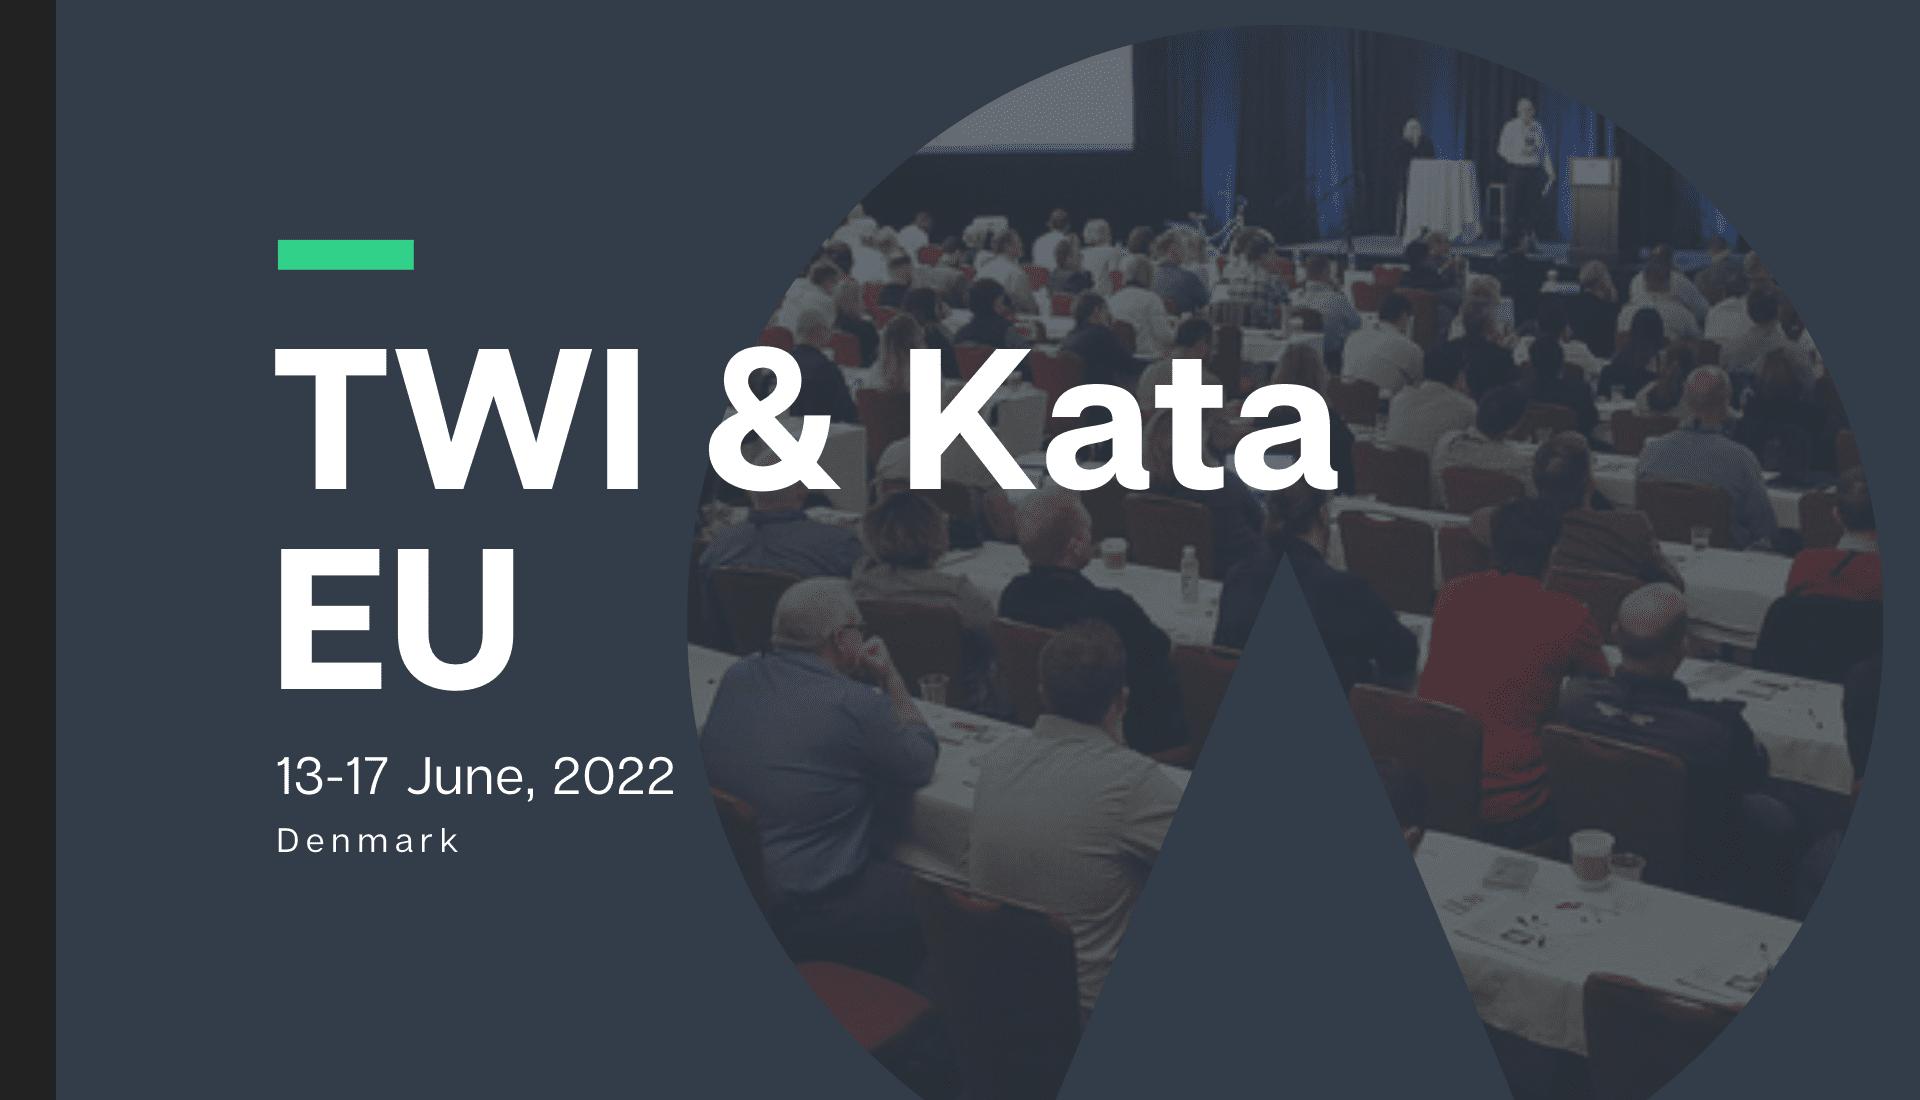 2022 TWI and KATA EU